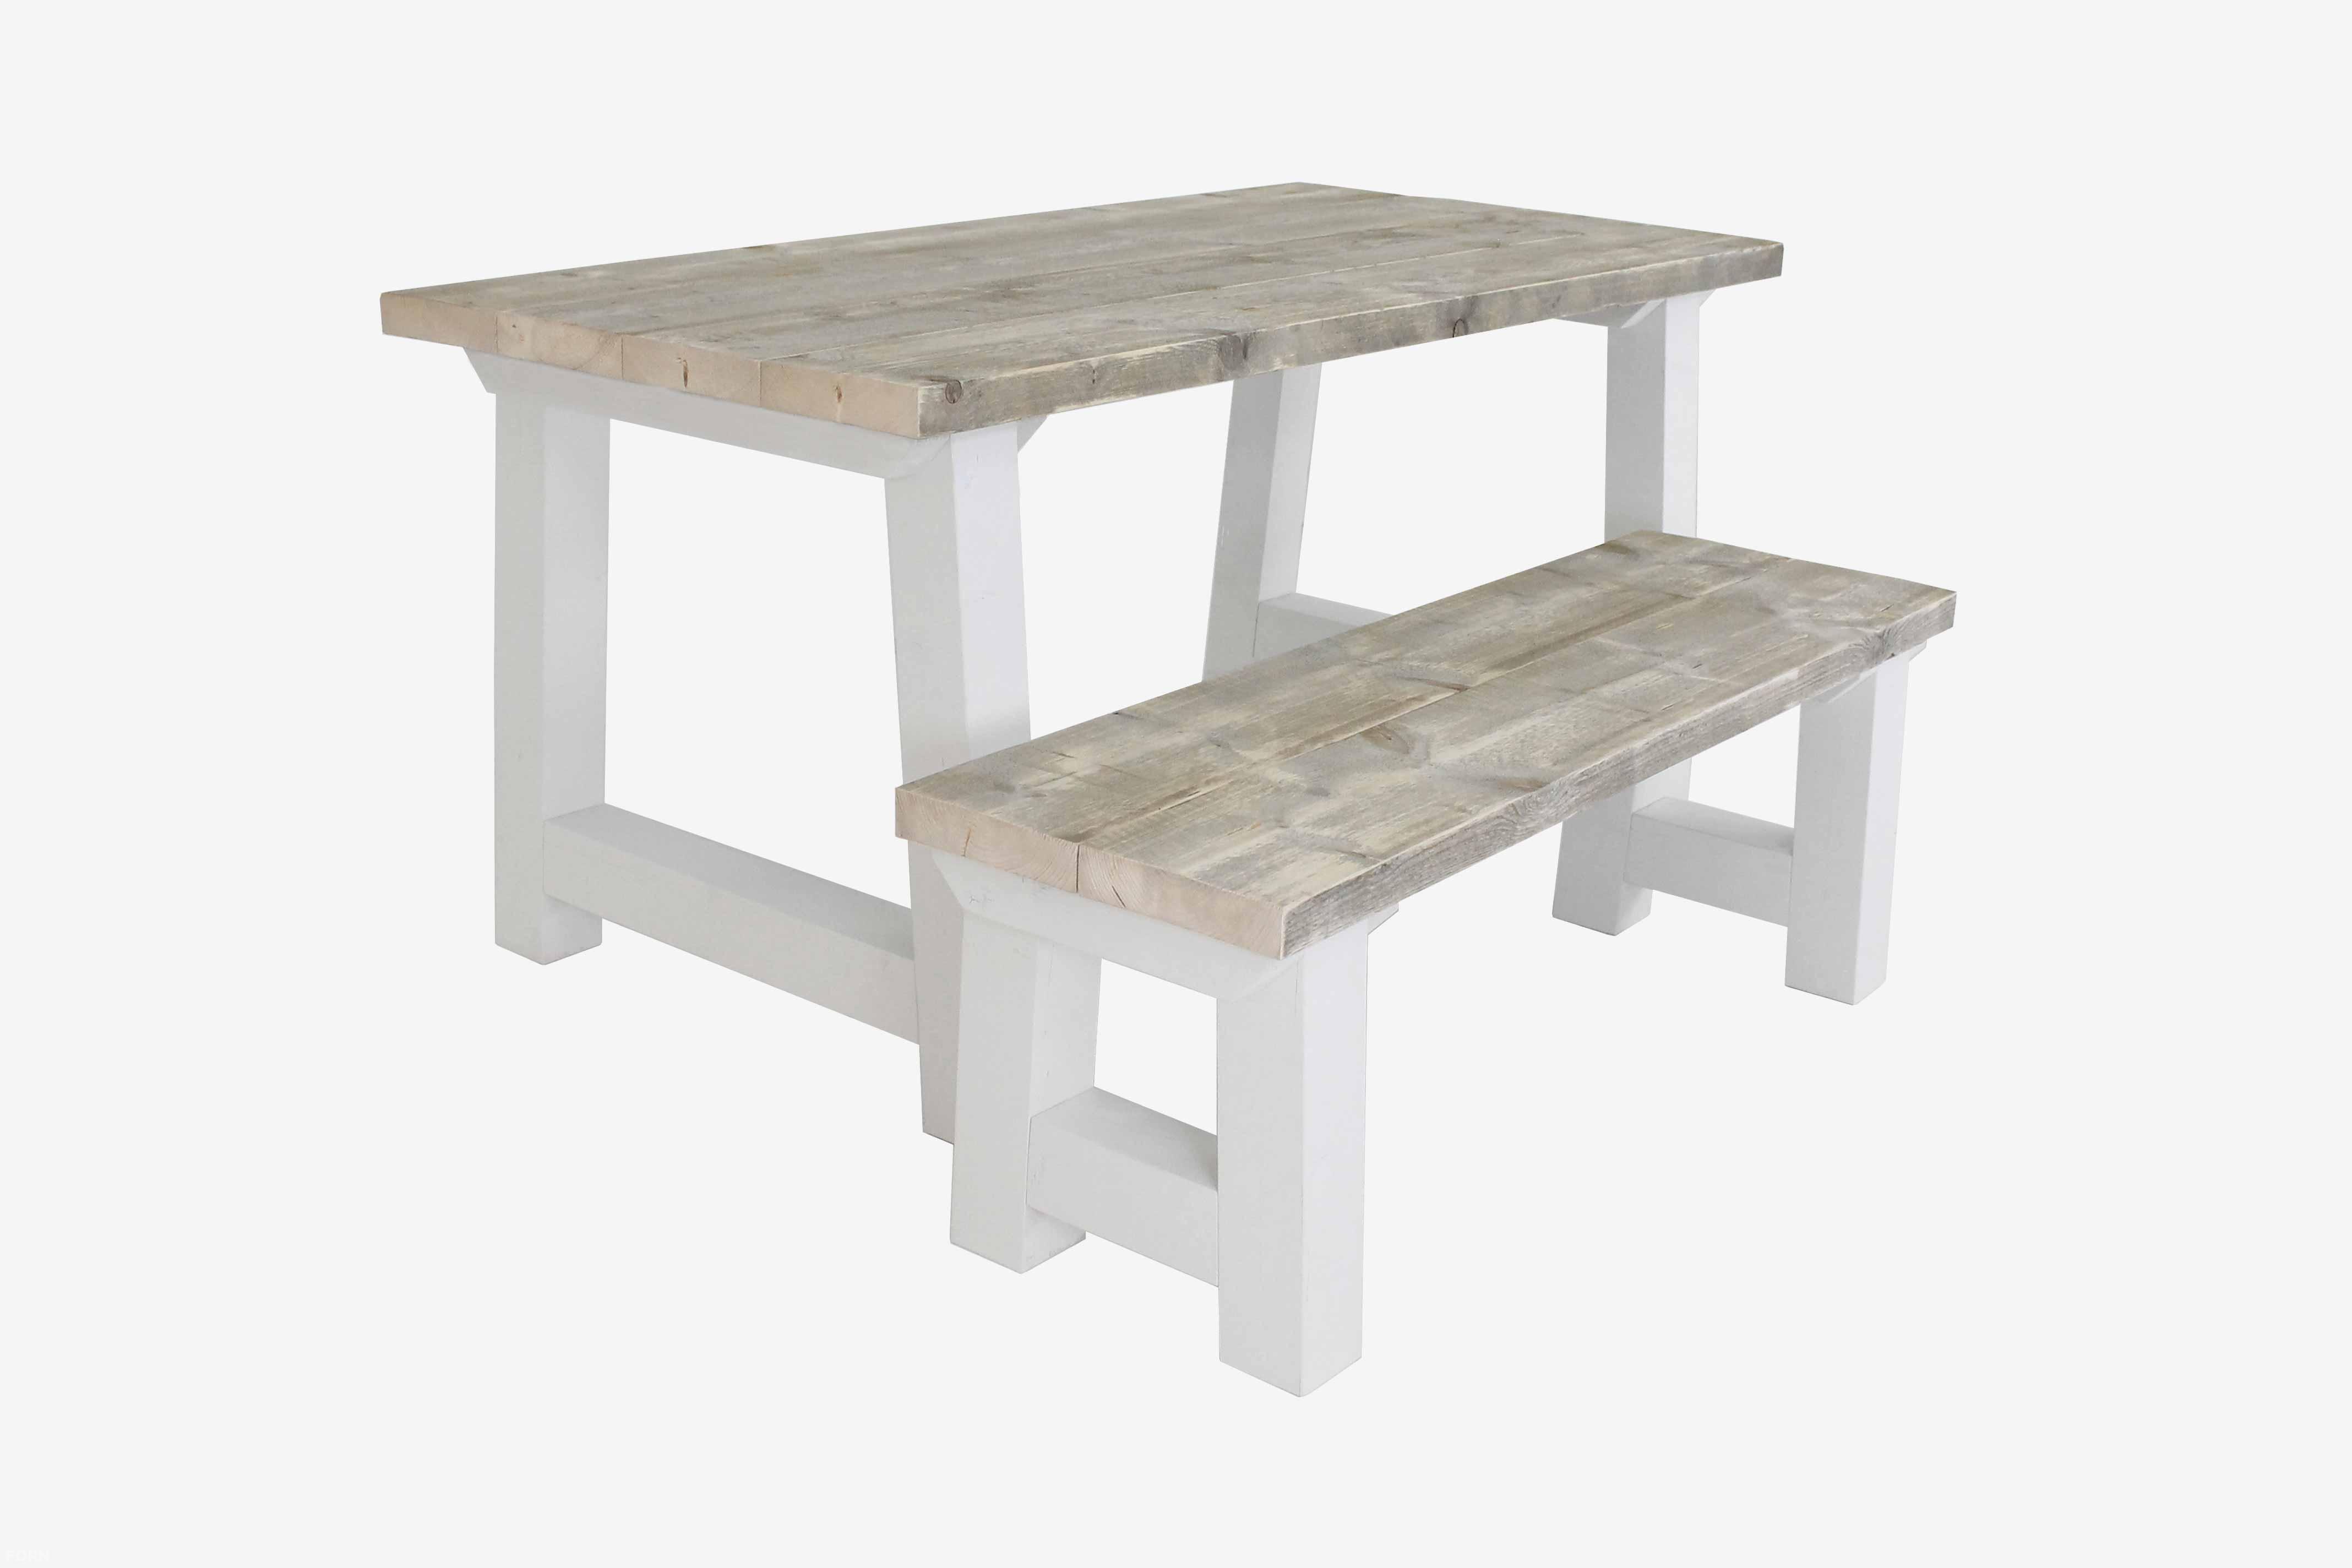 Wit Bankje Eettafel.Landelijke Houten Tafel Dikke Planken Steigerhouten Tafel